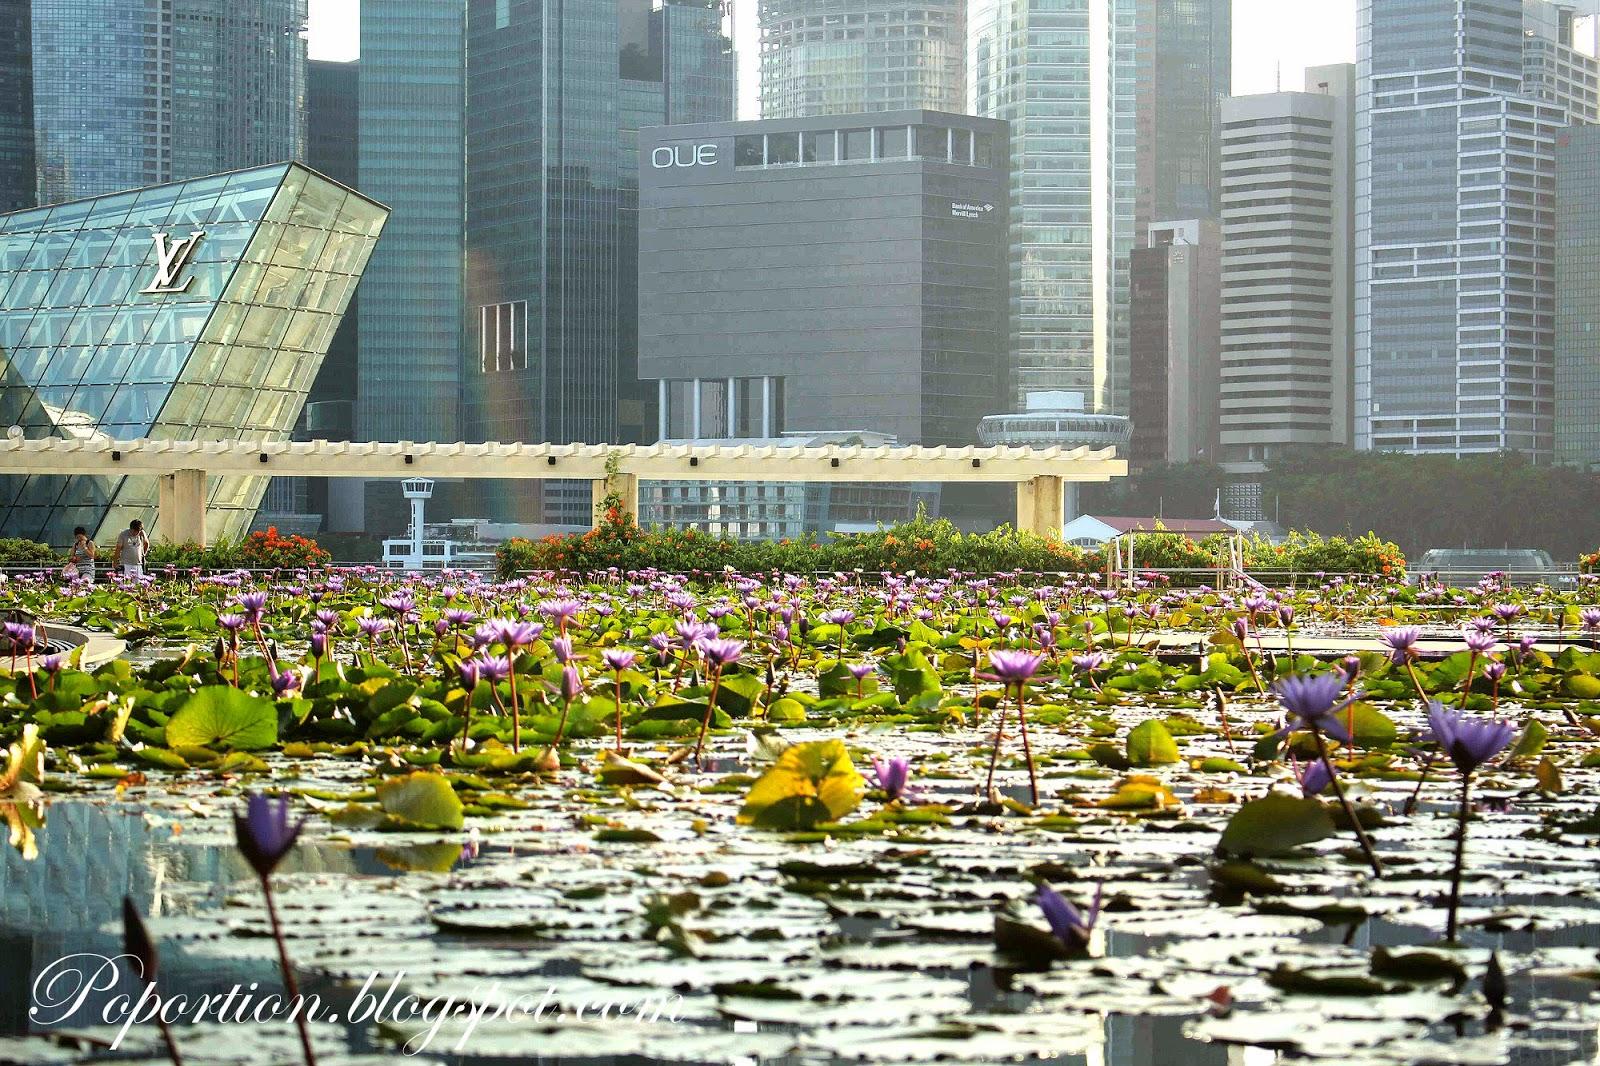 marina bay sands mall pond lotus leaves purple flowers